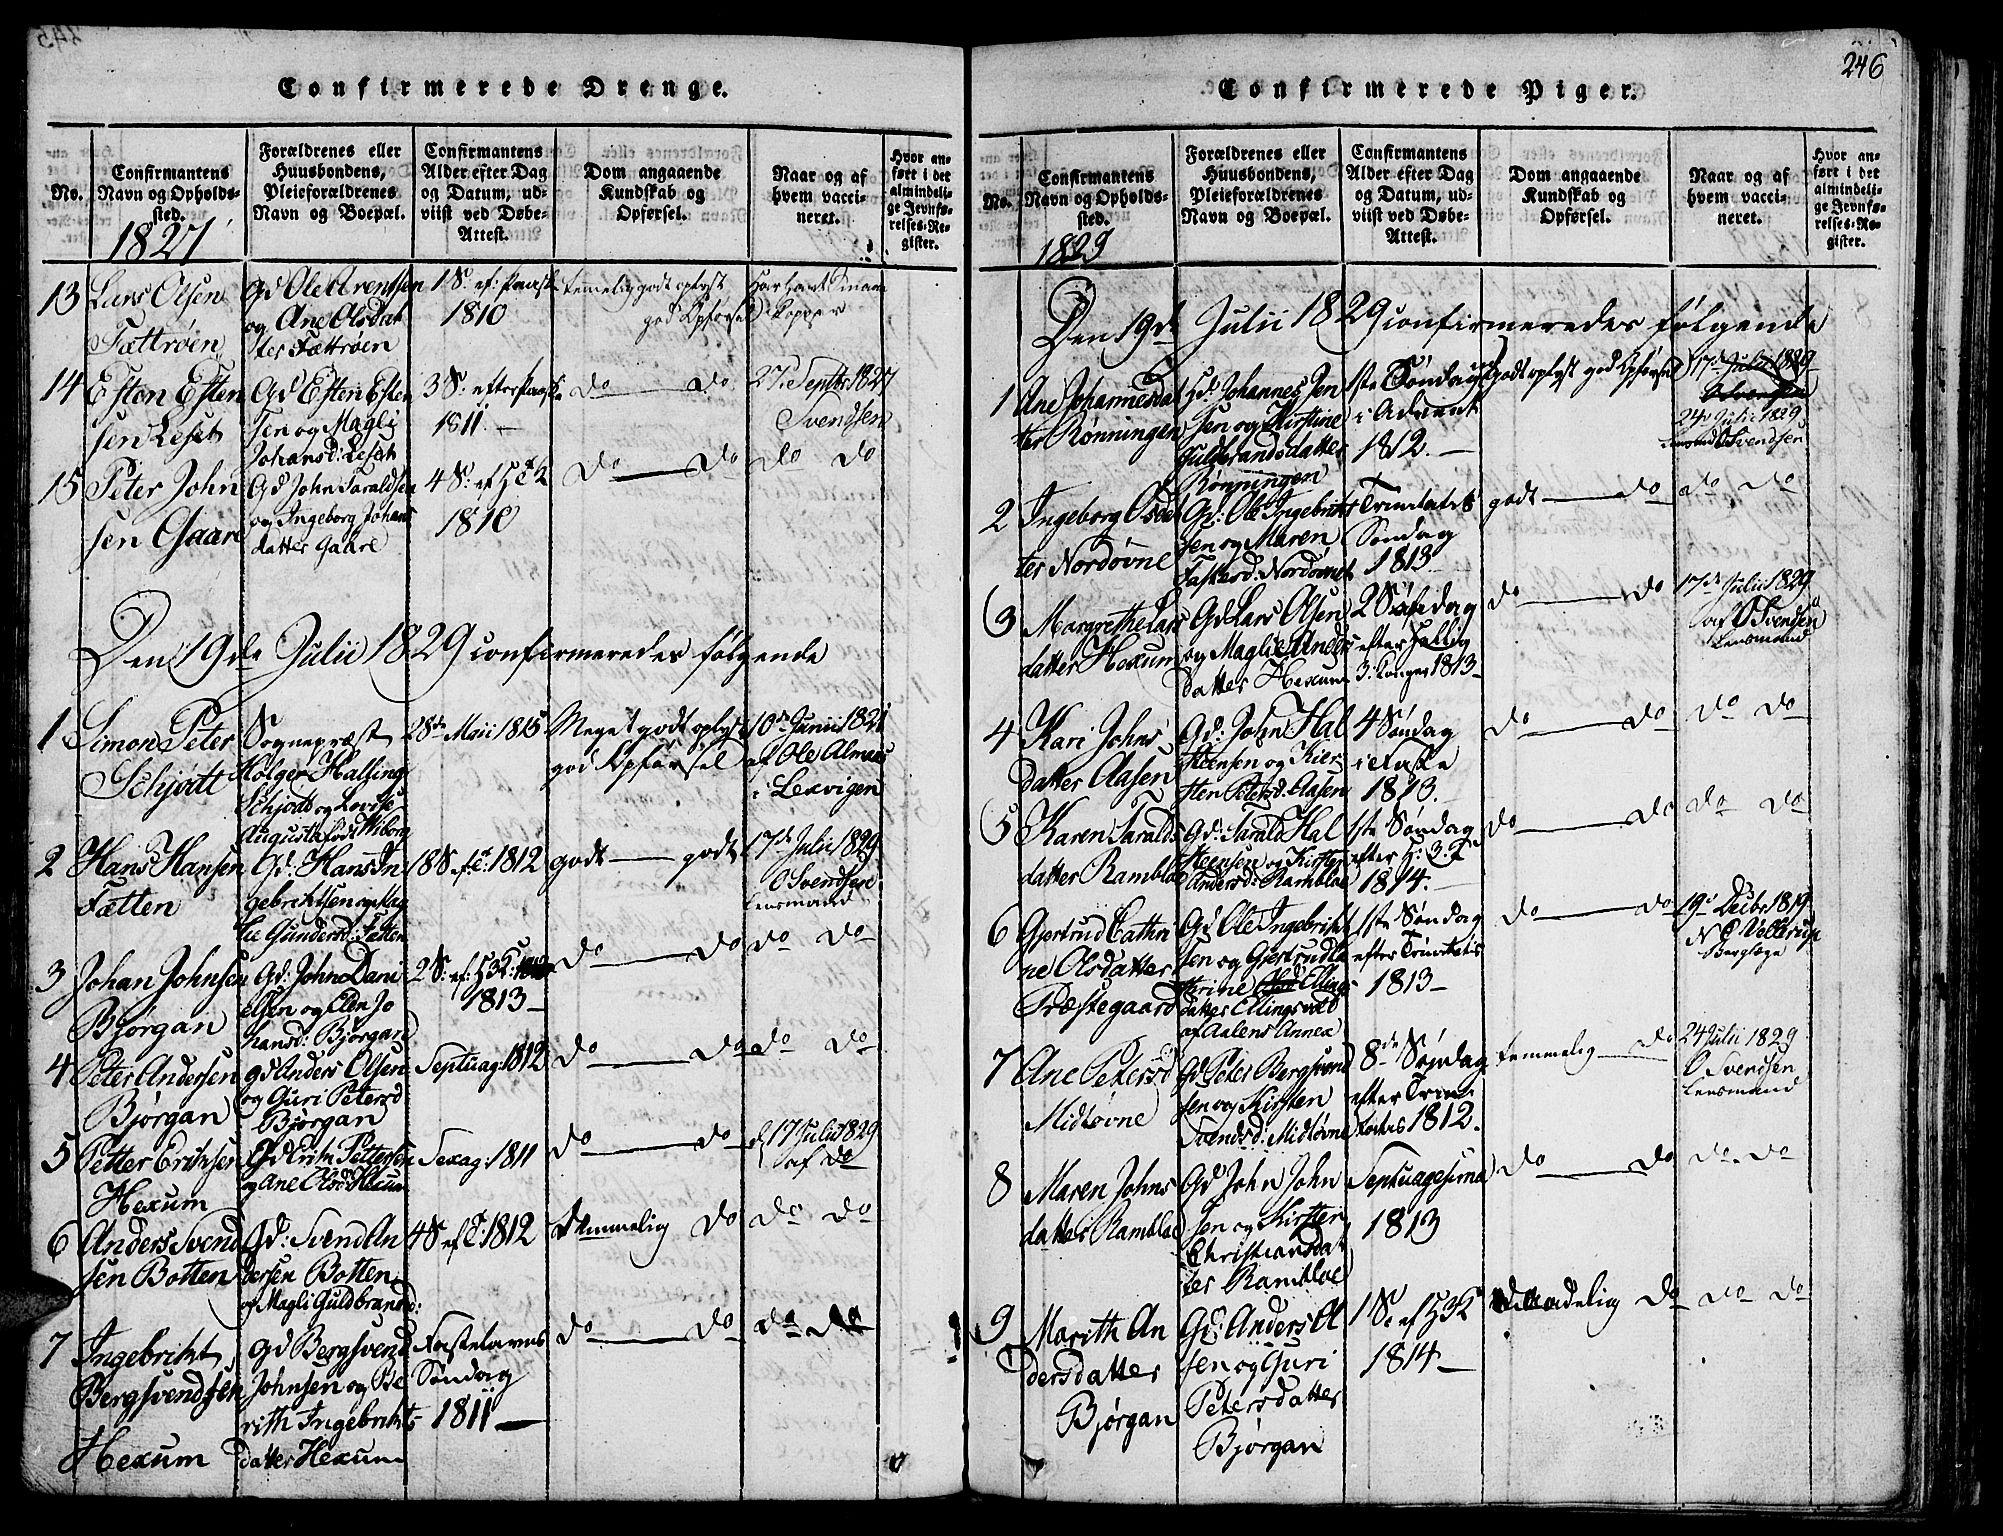 SAT, Ministerialprotokoller, klokkerbøker og fødselsregistre - Sør-Trøndelag, 685/L0954: Ministerialbok nr. 685A03 /1, 1817-1829, s. 246